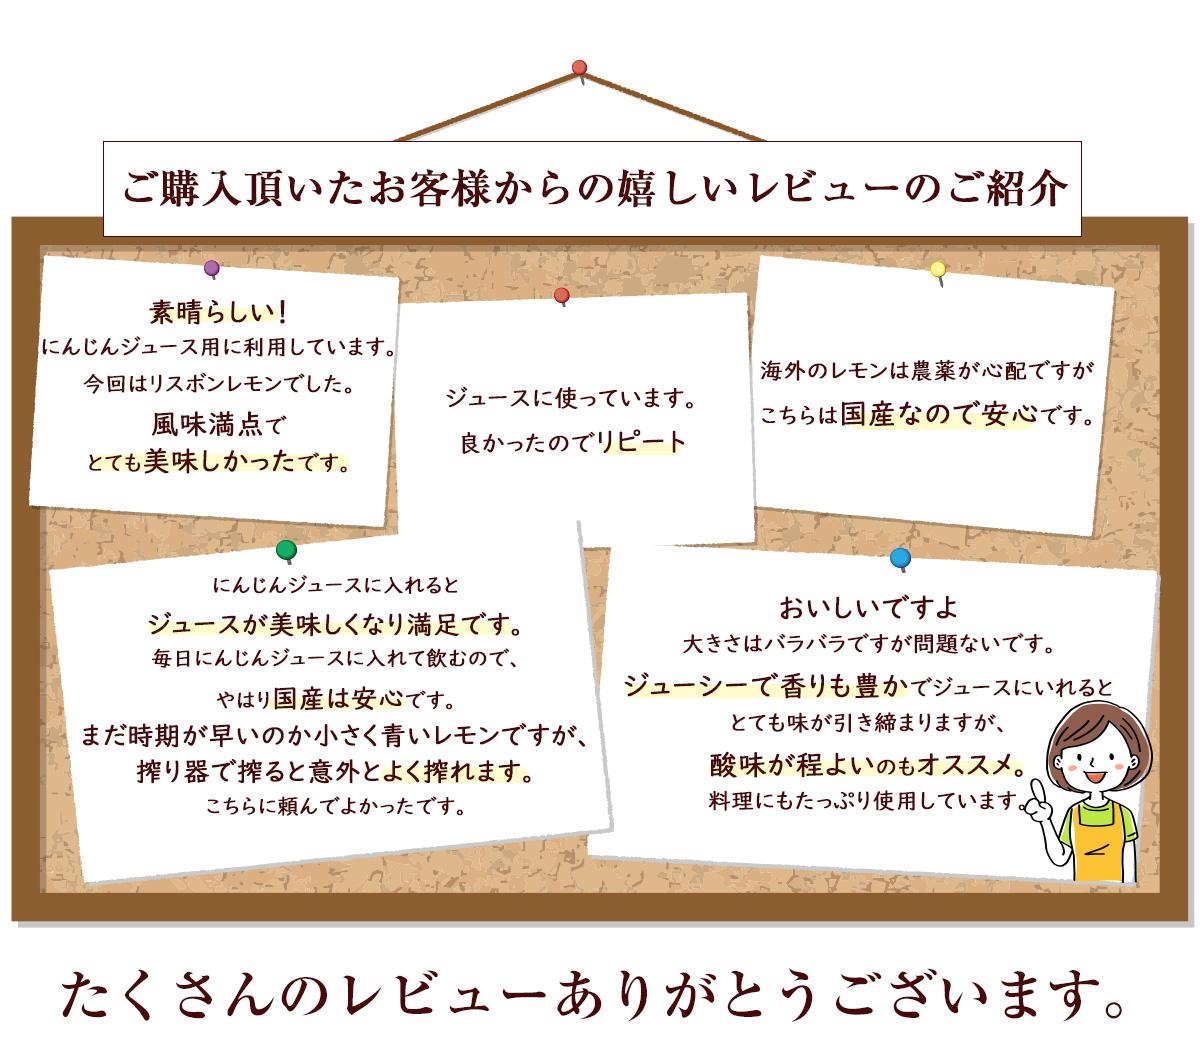 佐賀県産 レモン 3kg 国産 特別栽培農産物 マイヤーレモン